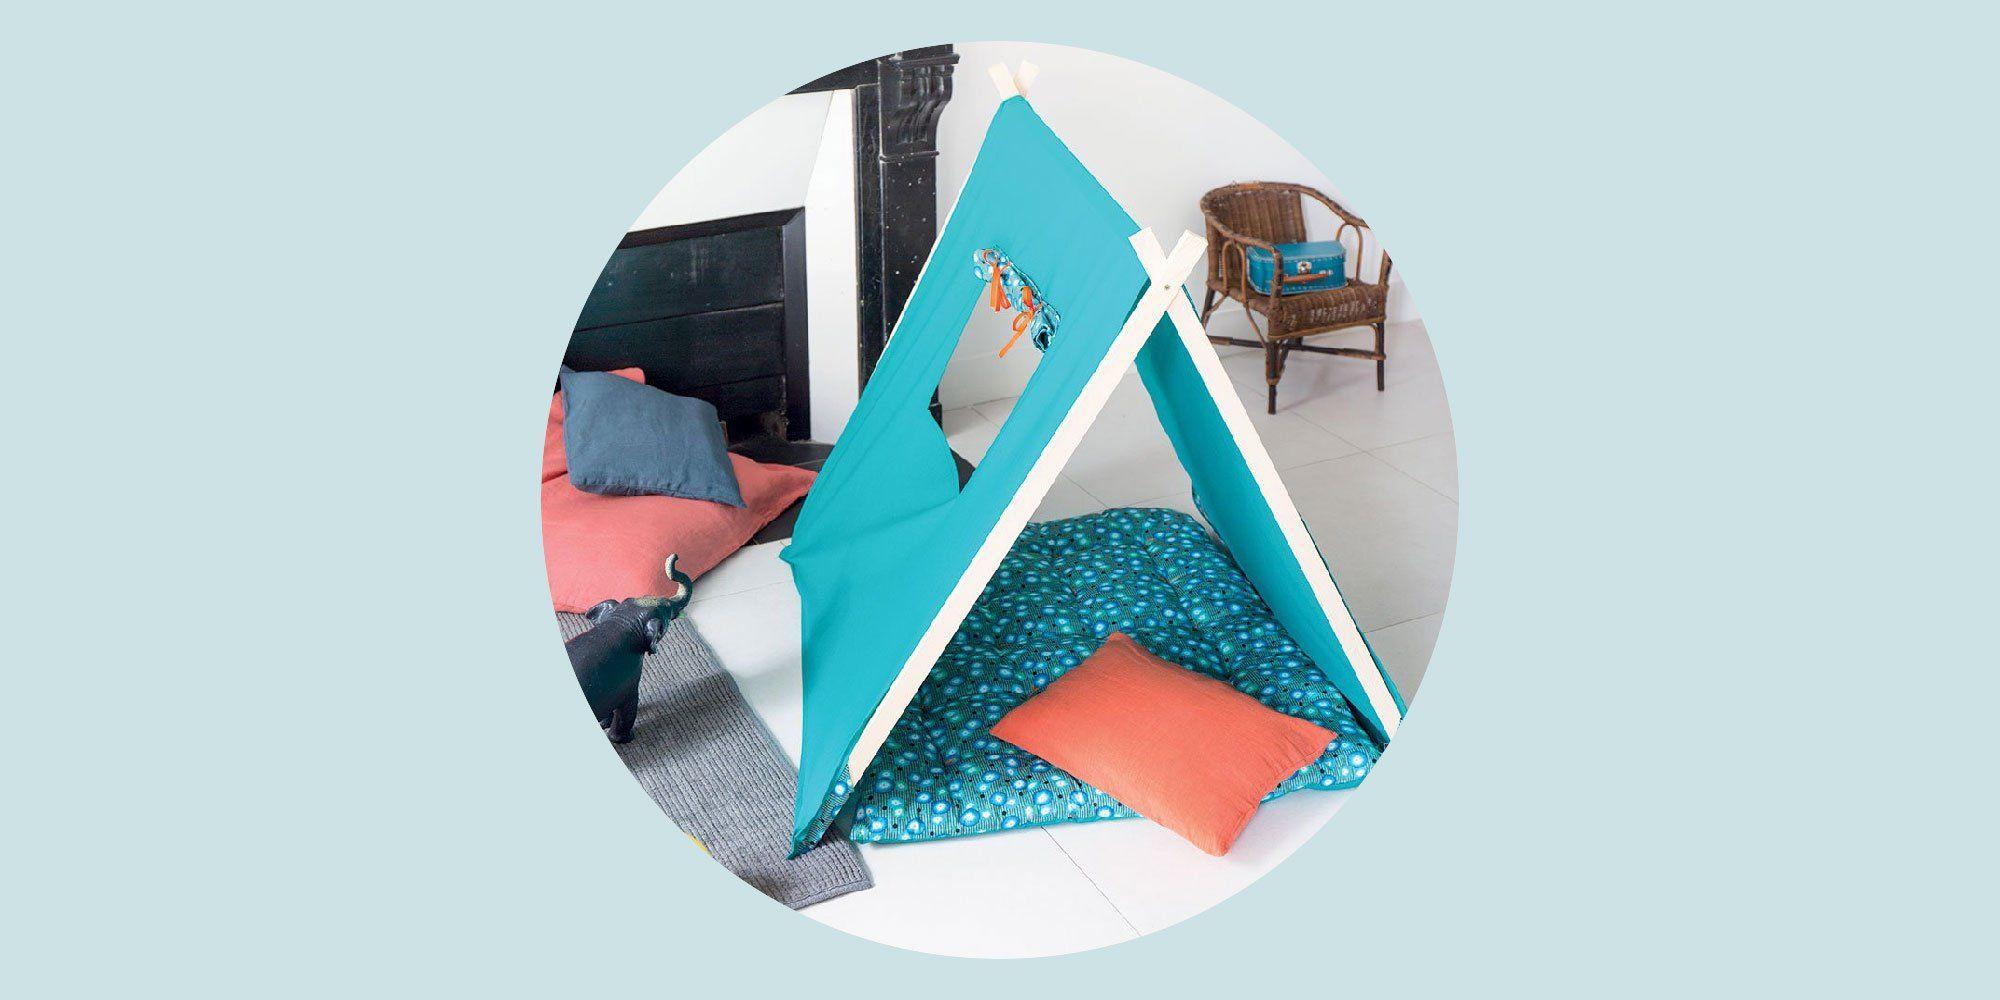 fabriquer un tipi pour enfant deco. Black Bedroom Furniture Sets. Home Design Ideas